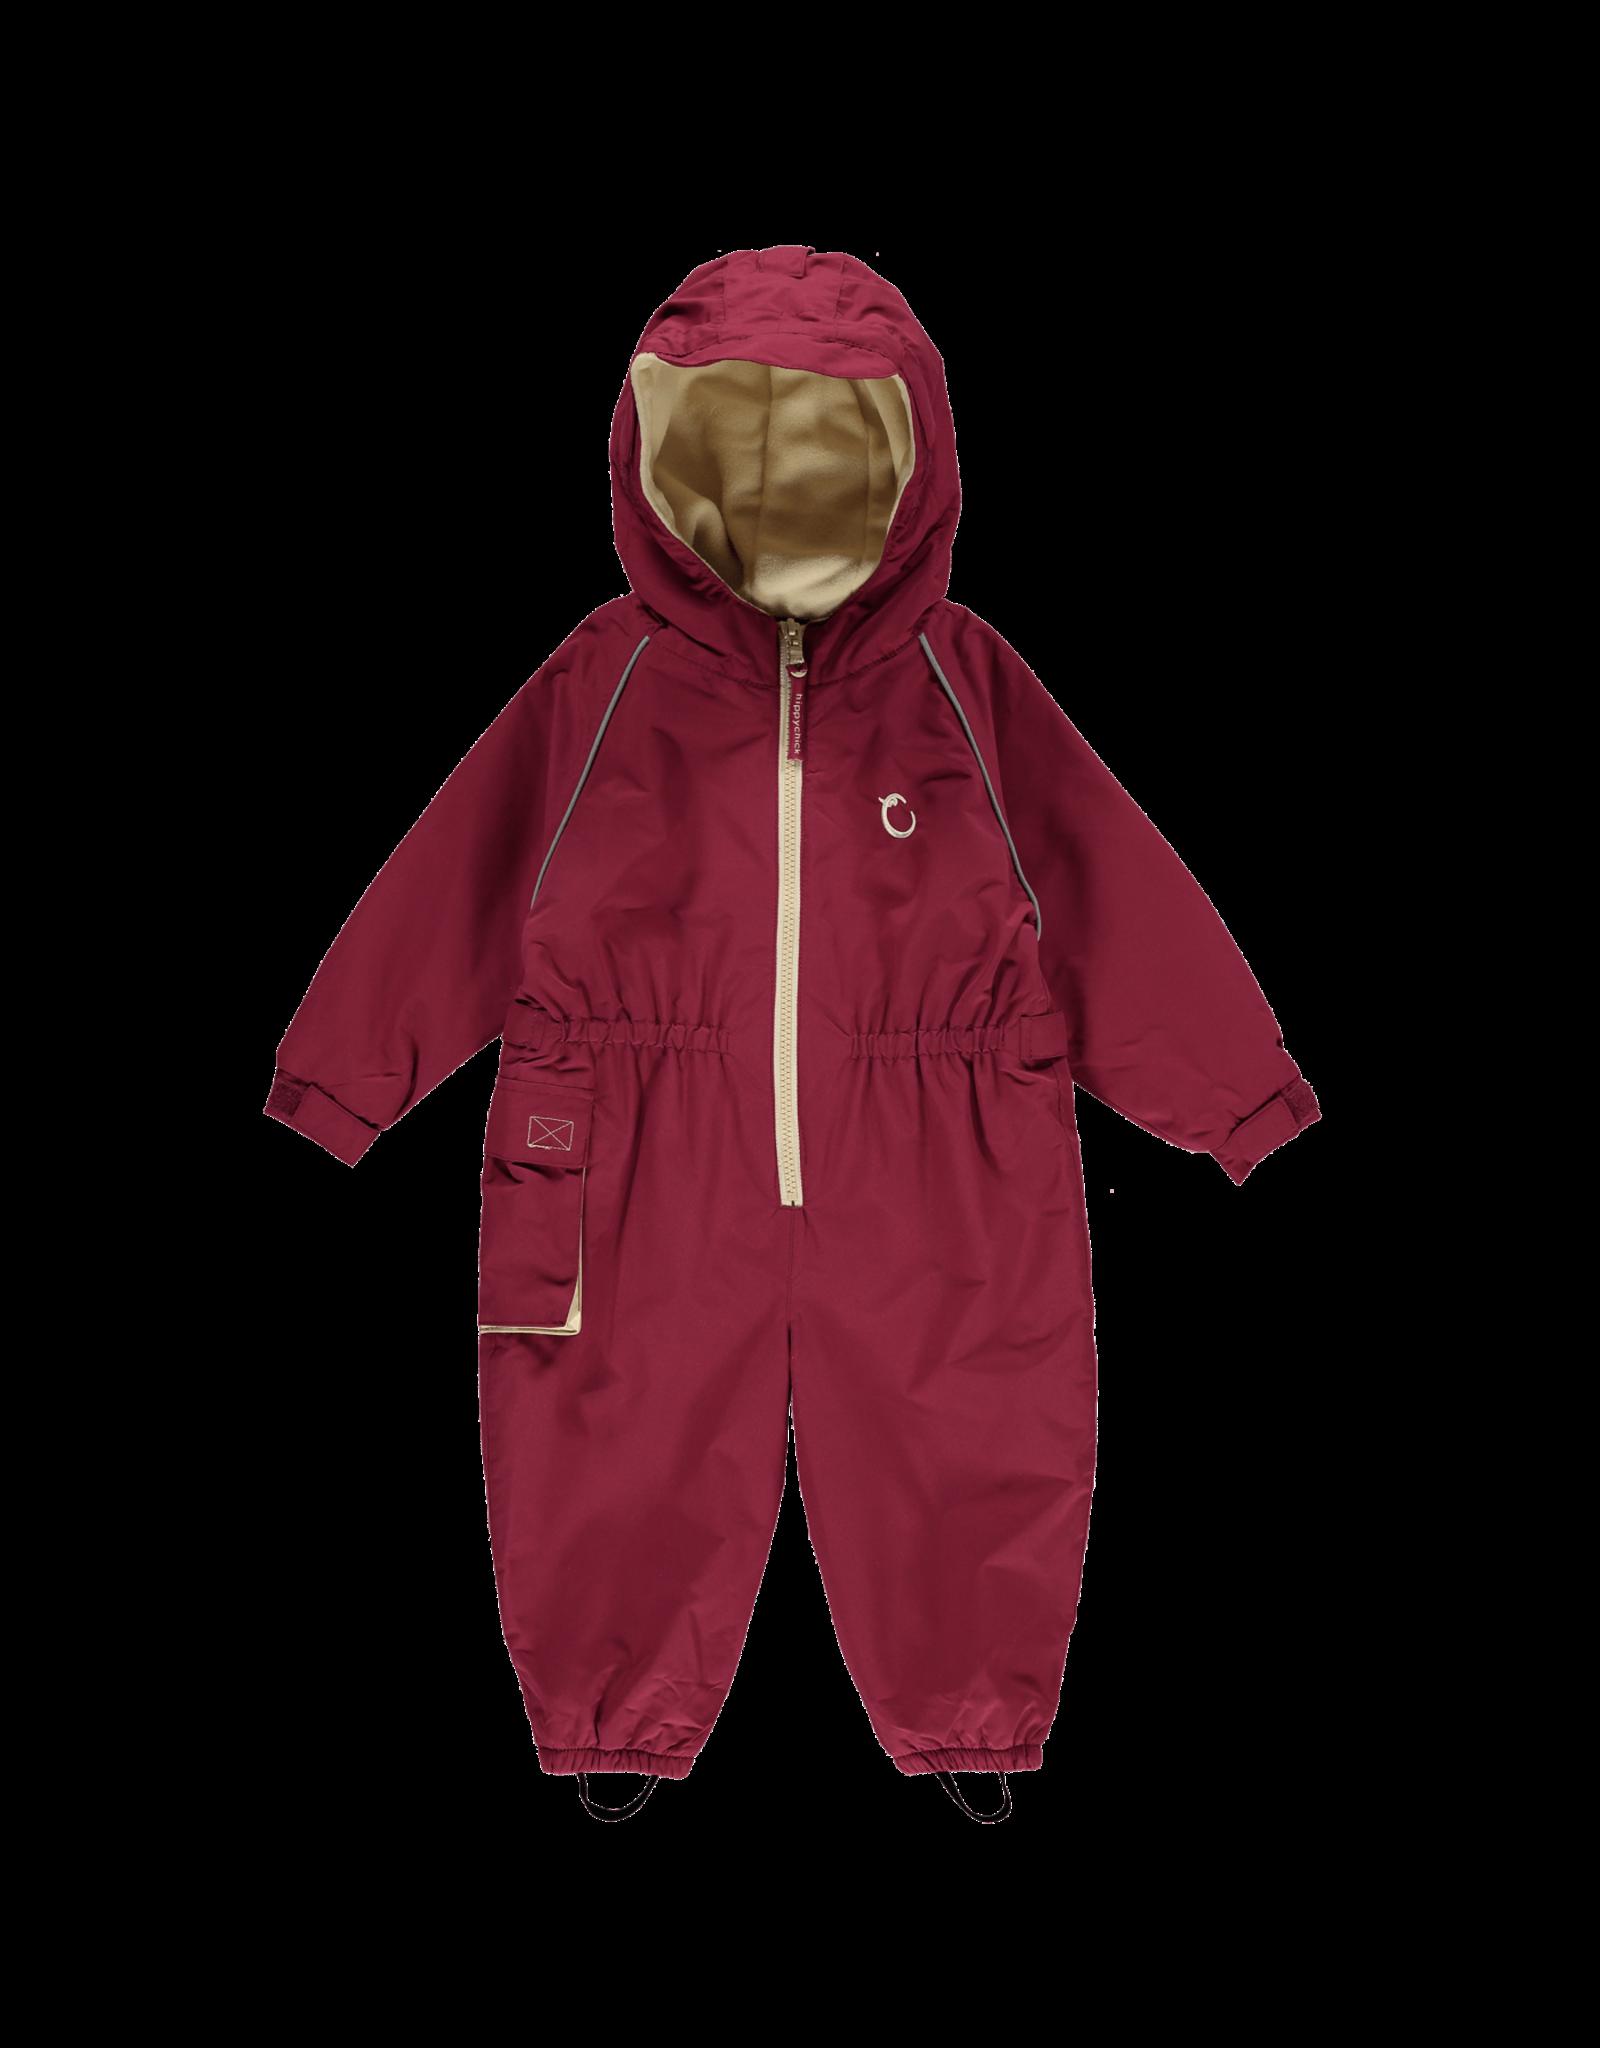 Toddler waterproof Fleece Lined Suit - Raspberry